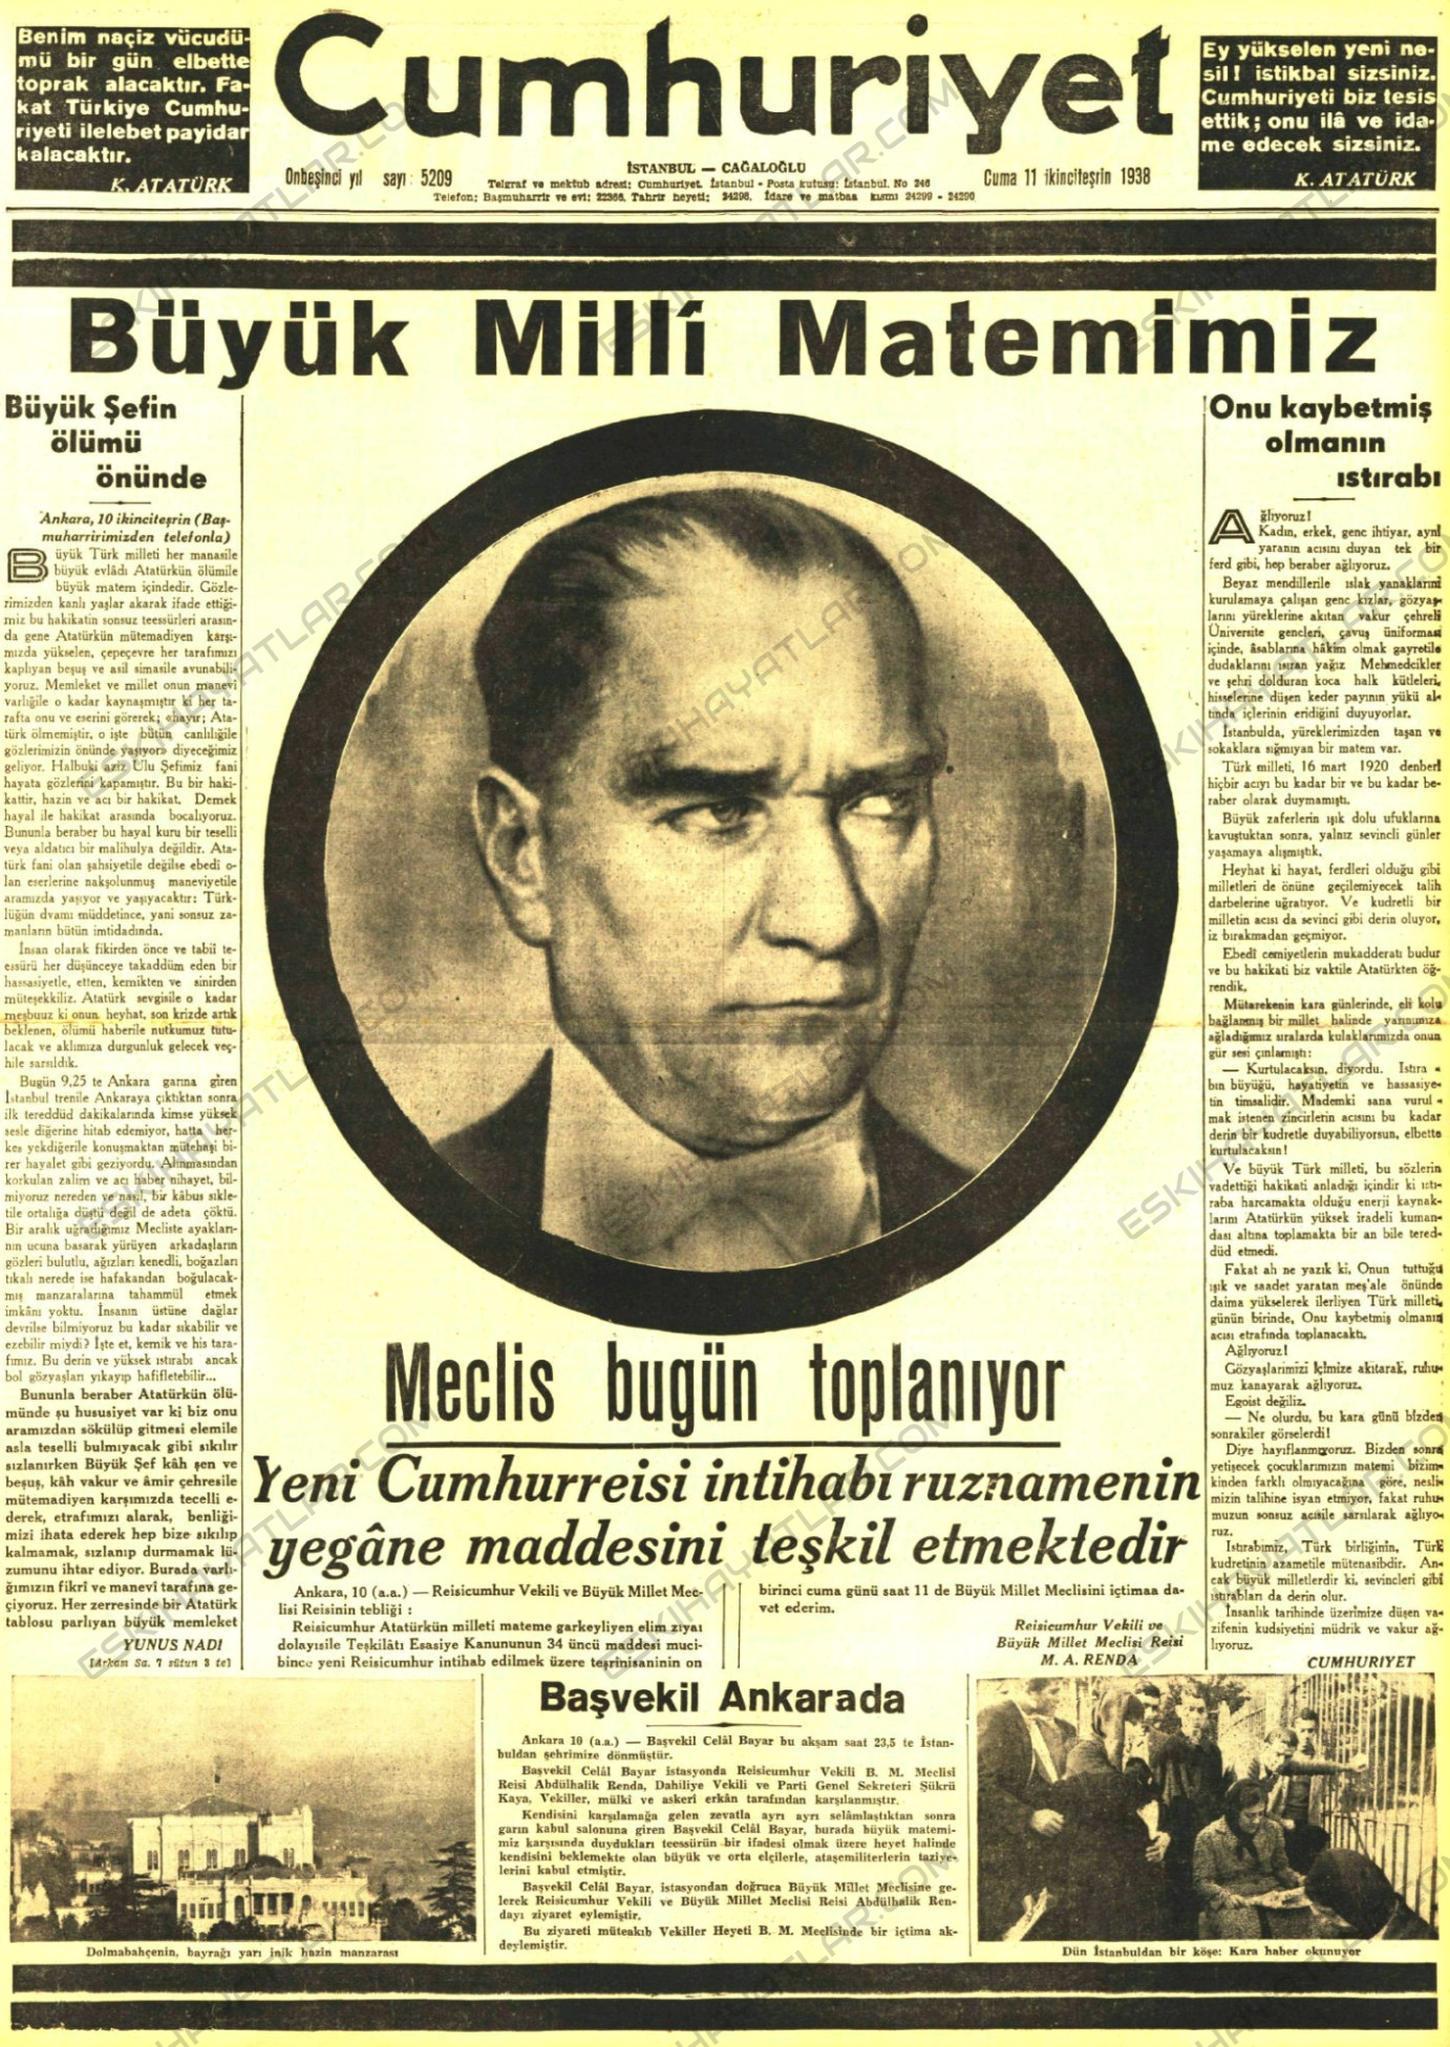 mustafa-kemal-ataturk-un-oldugu-gun-cikan-gazeteler-1938-yilinin-gazeteleri (1)